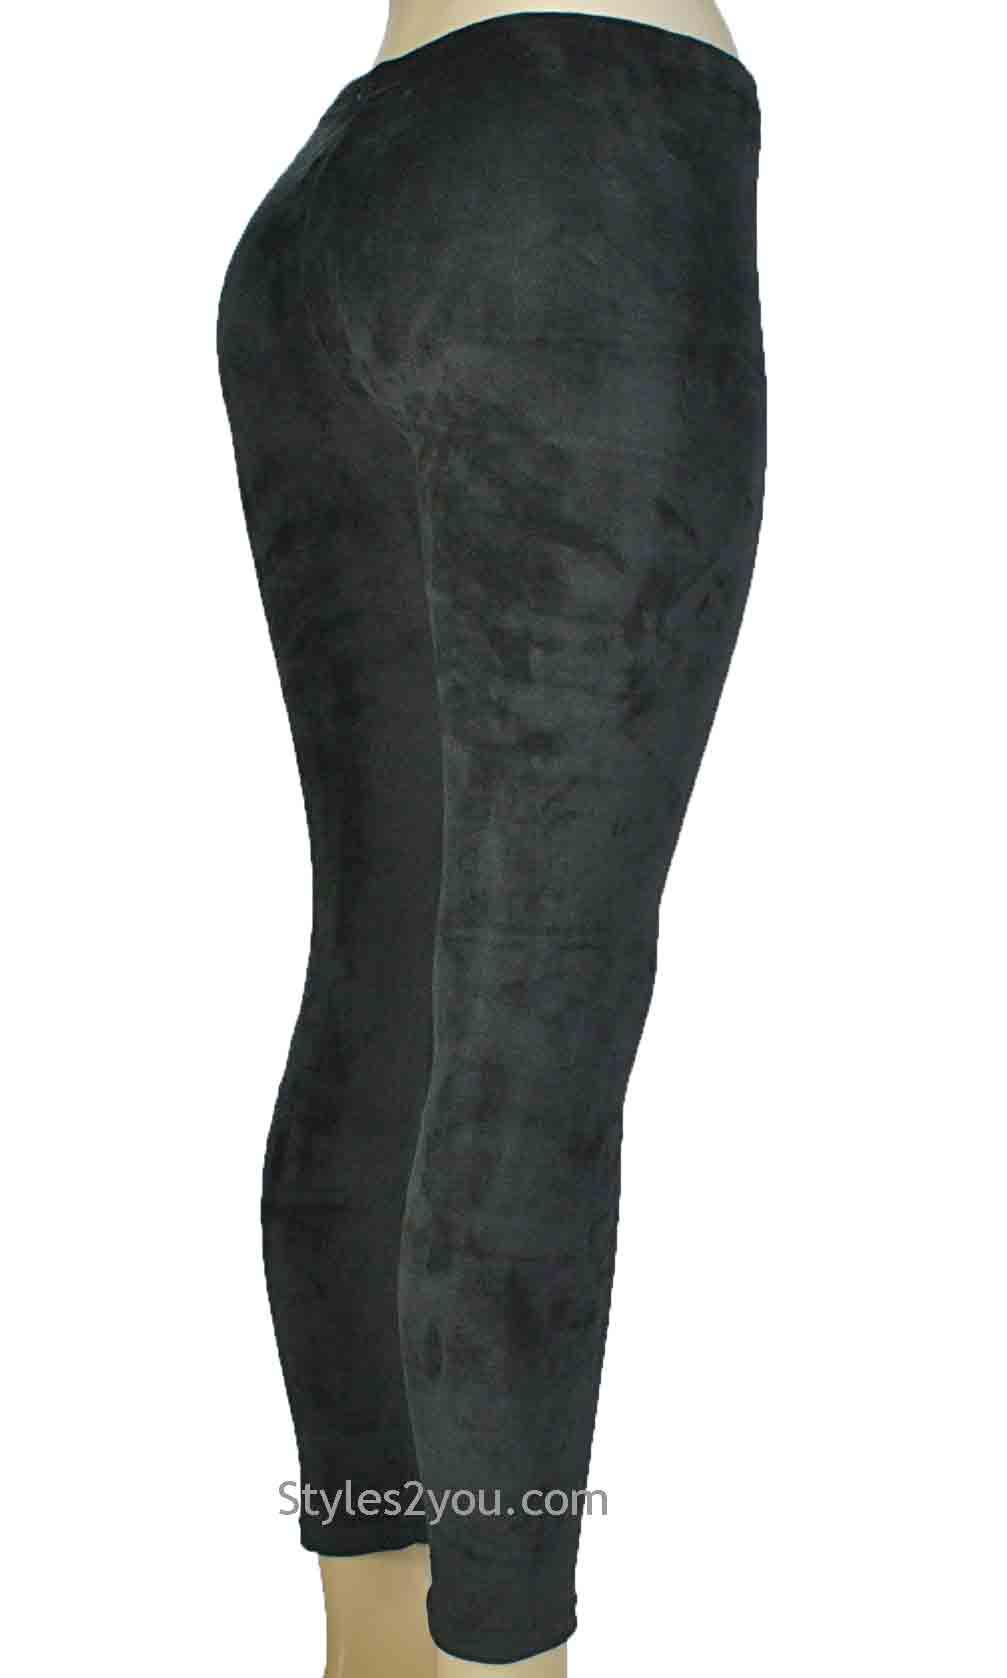 b32450bf7a85a Regina Crushed Velvet Legging In Black [Crushed Velvet Legging In ...